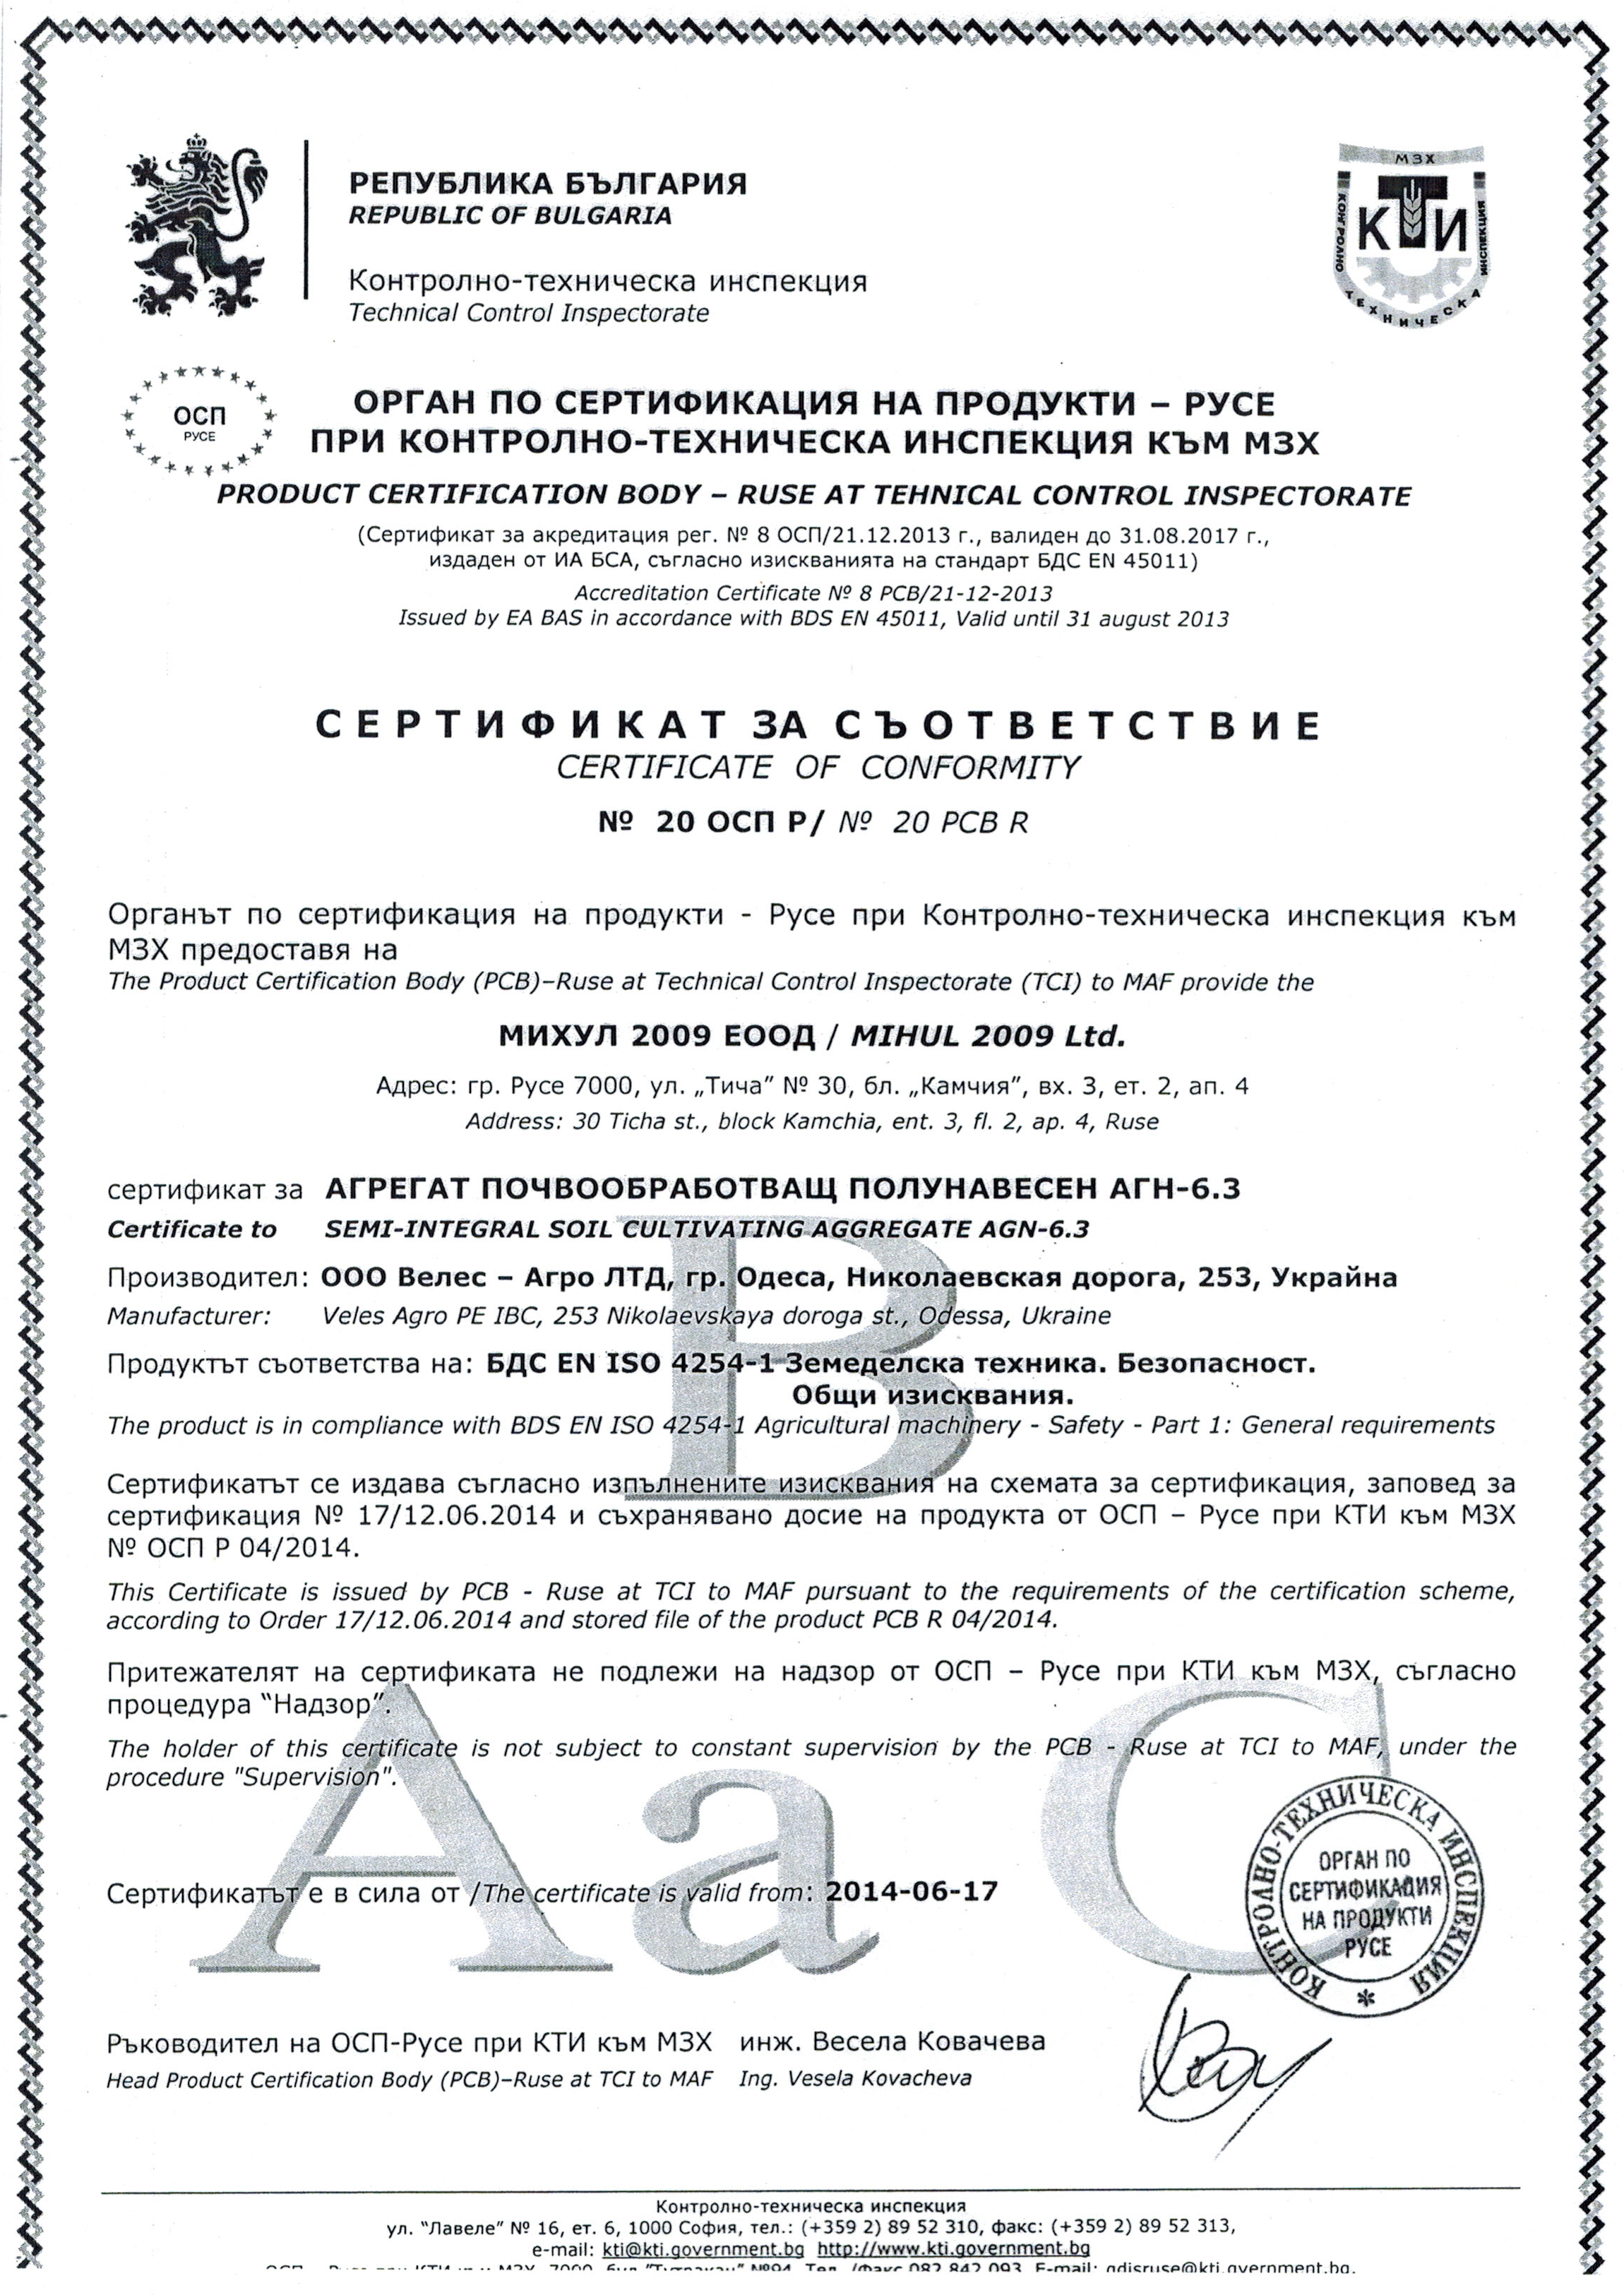 Сертификат соответствия дисковой бороны полунавесной АГН-6.3 Велес Агро